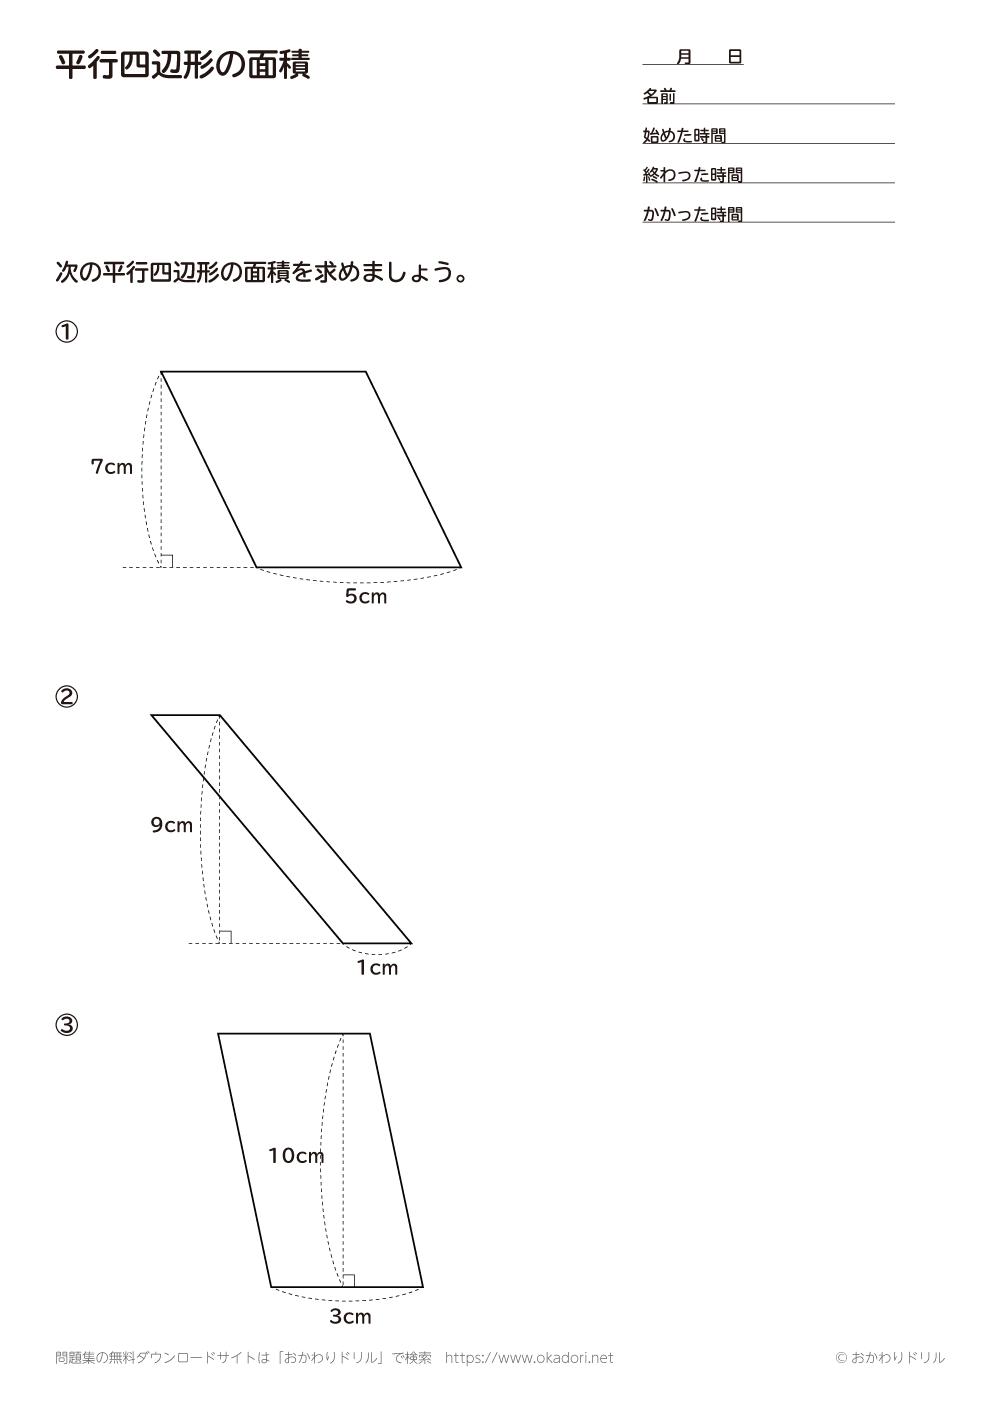 平行四辺形の面積2